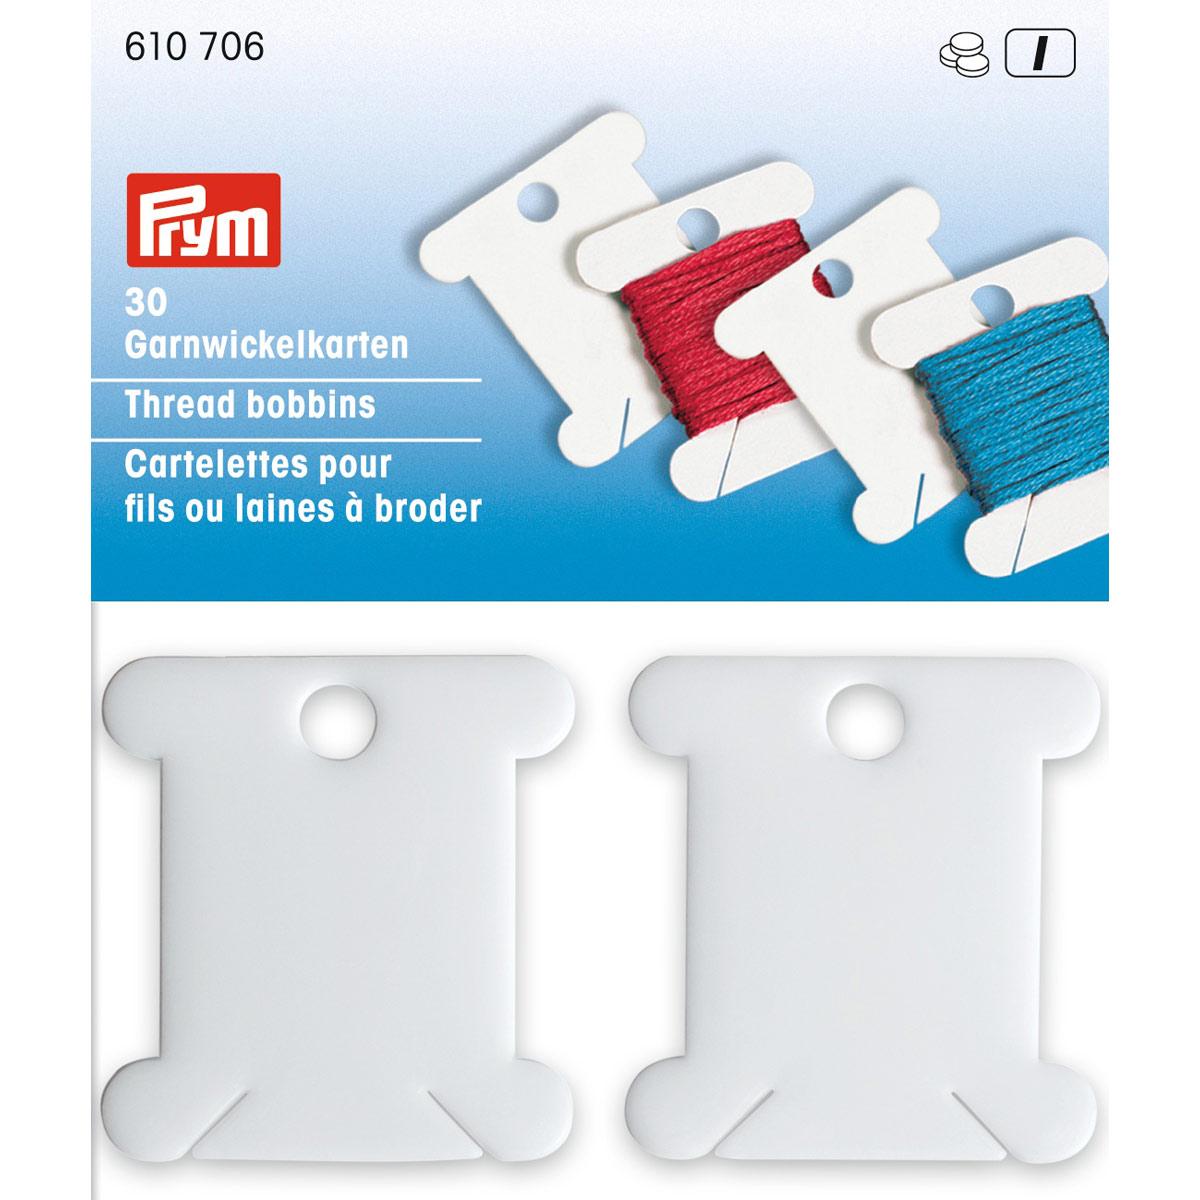 610706 Шпульки для наматывания мулине, пластик, Prym